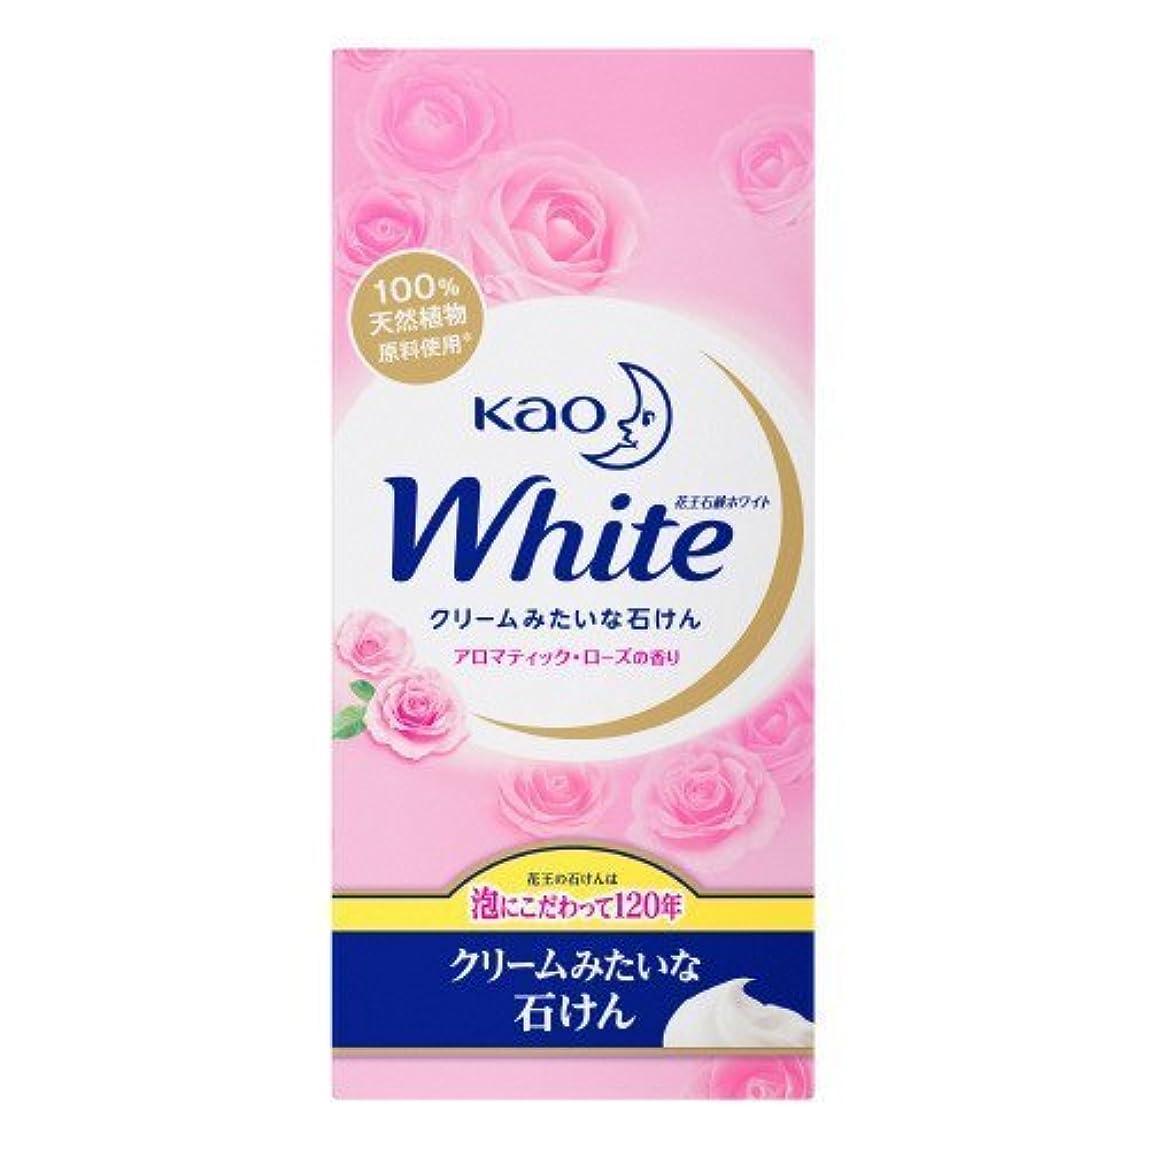 郵便番号みなす教養がある【花王】花王ホワイト アロマティックローズの香りレギュラーサイズ (85g×6個) ×10個セット